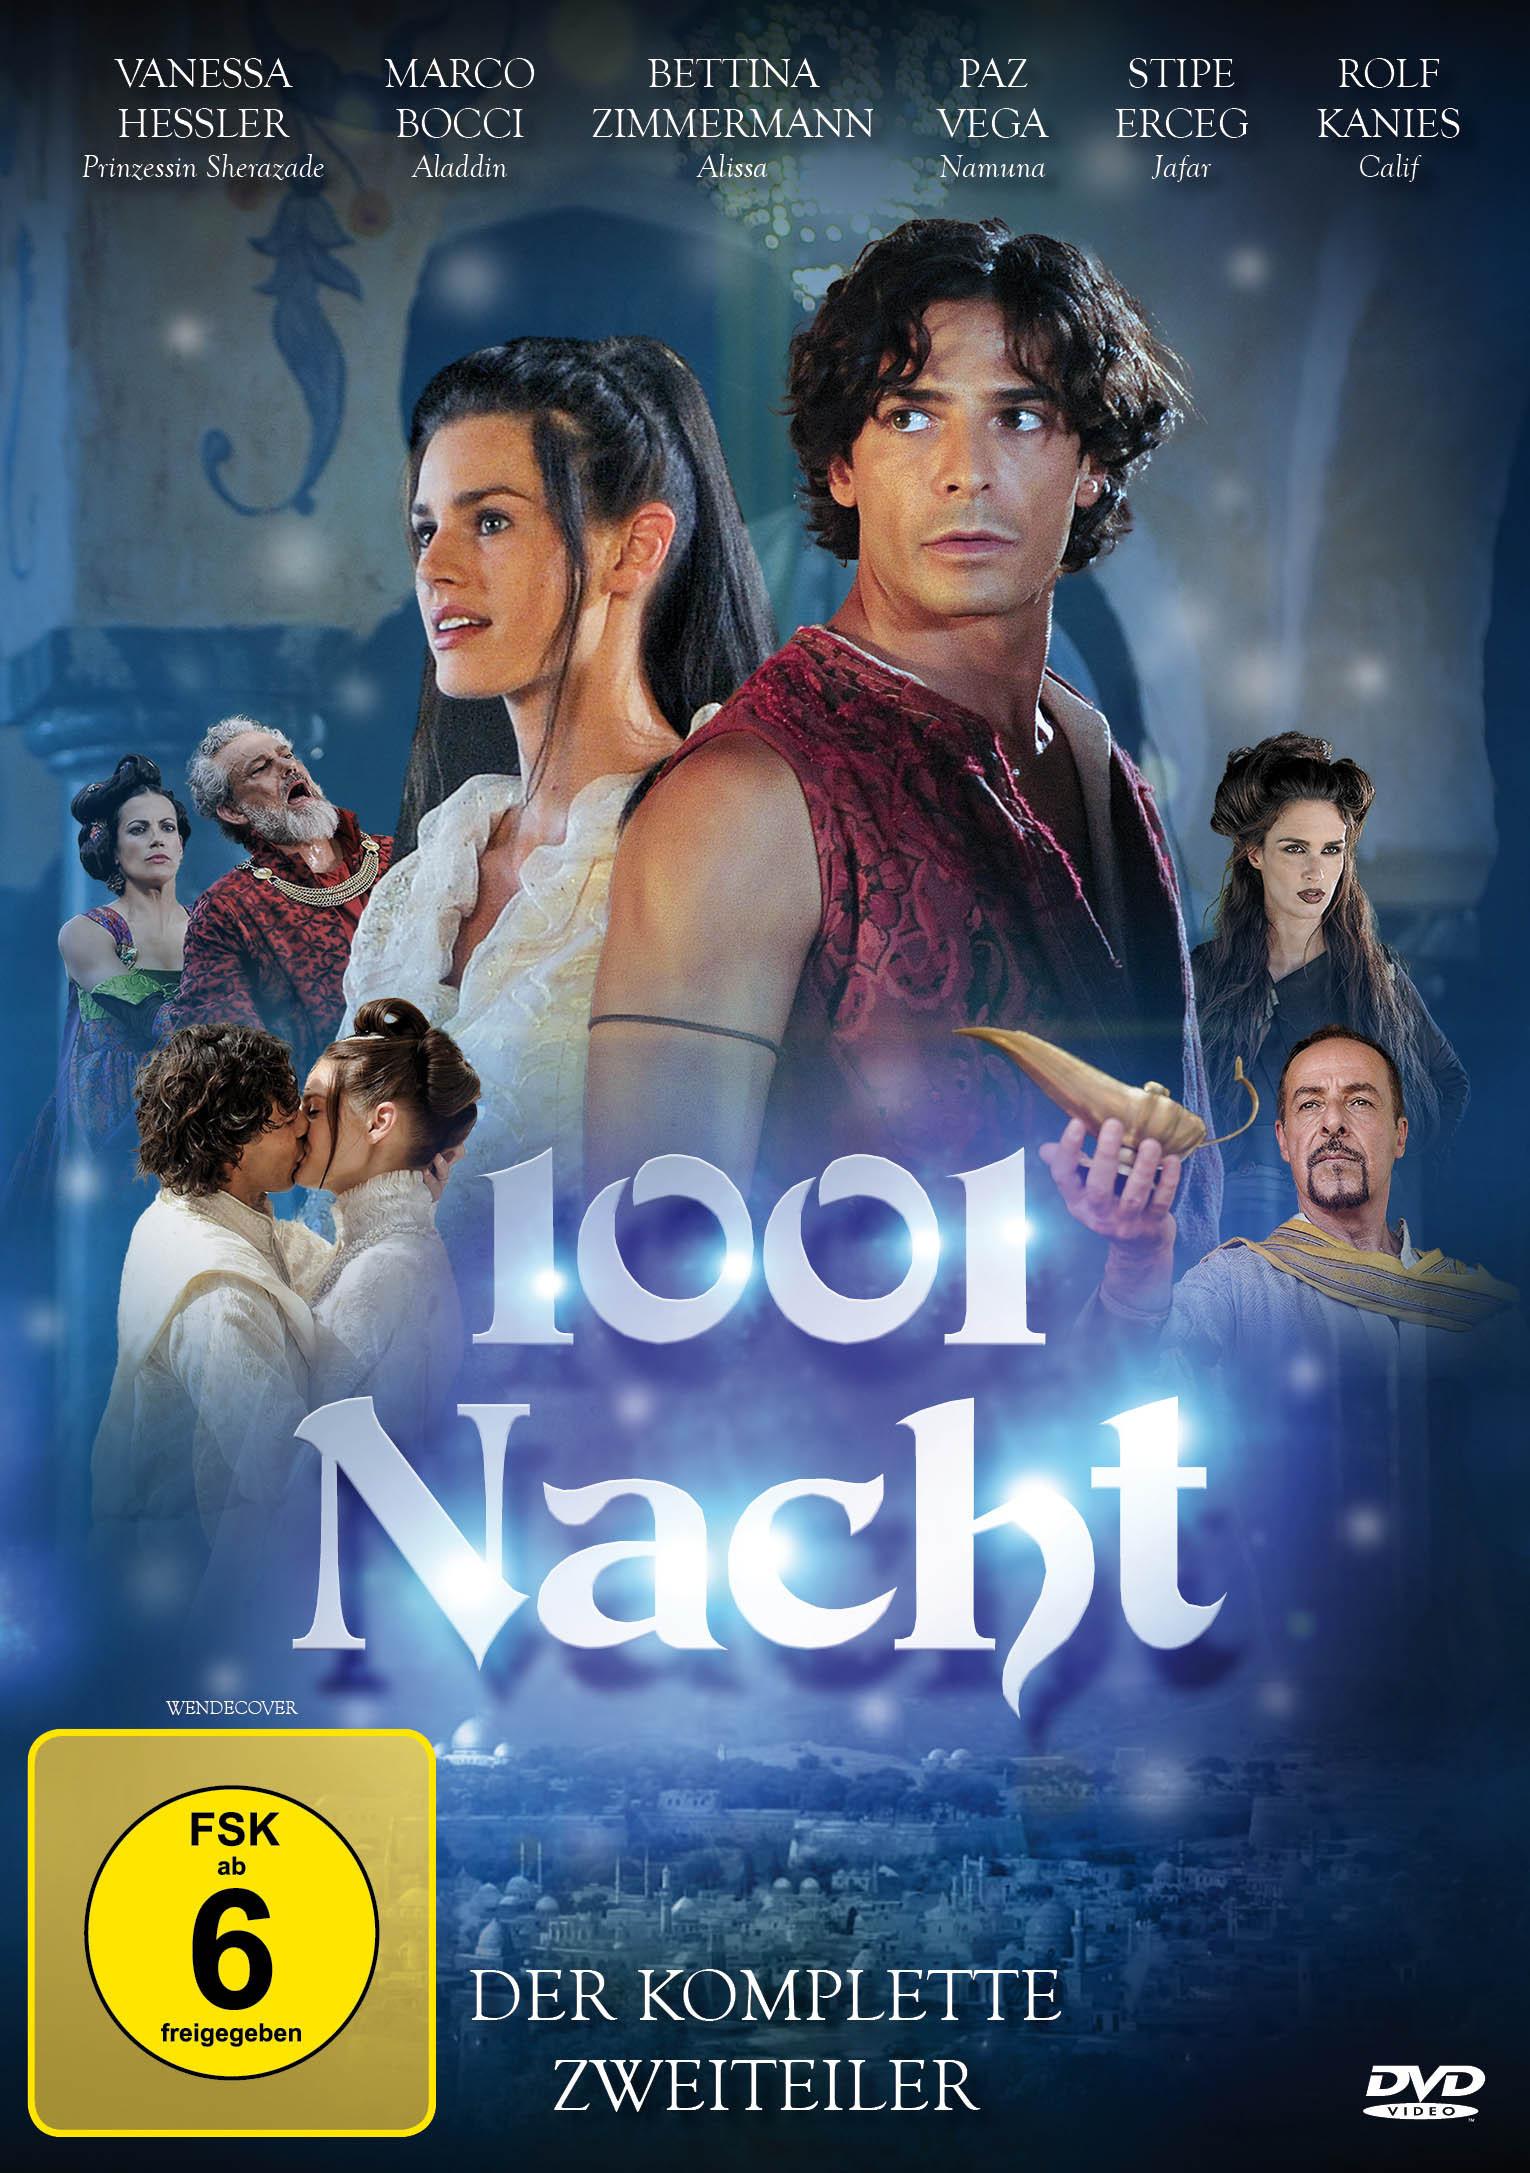 Image of 1001 Nacht - Der komplette Zweiteiler aus Tausendundeiner Nacht